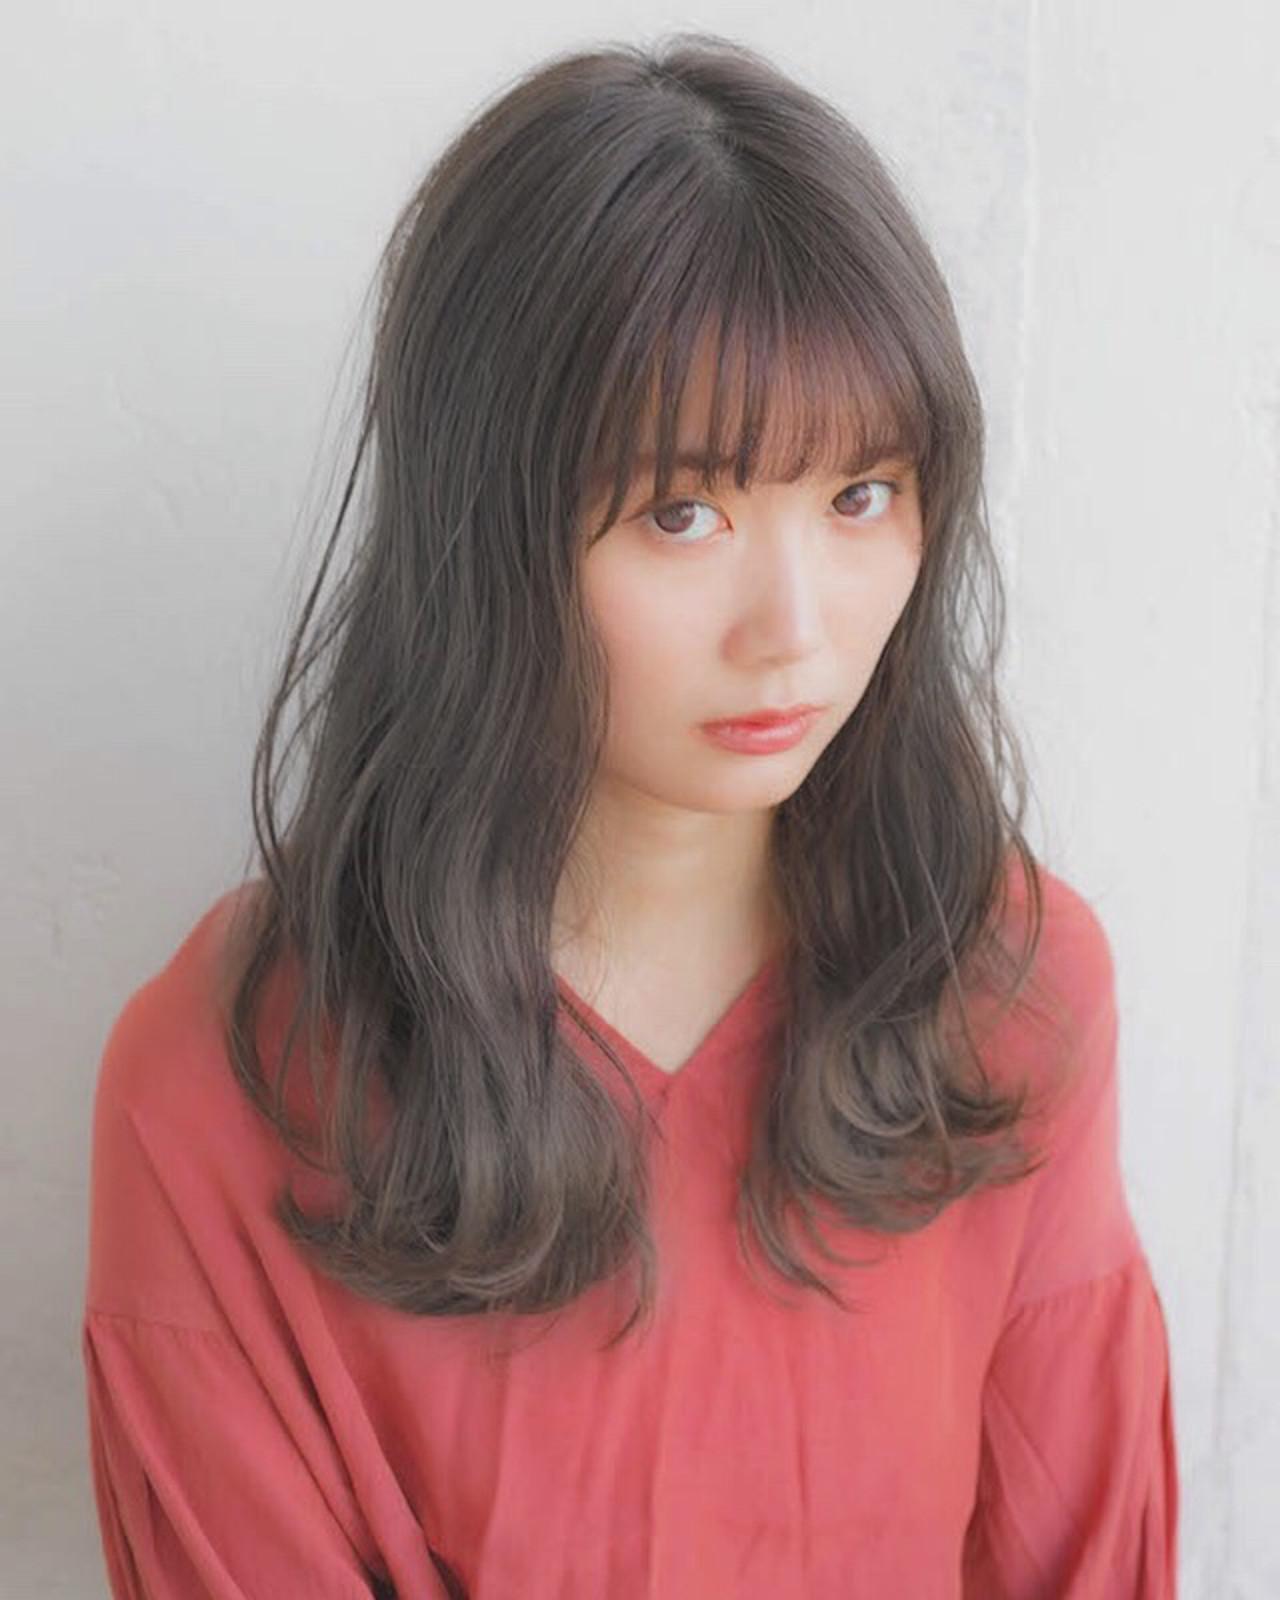 セミロング フェミニン アンニュイほつれヘア 前髪ヘアスタイルや髪型の写真・画像